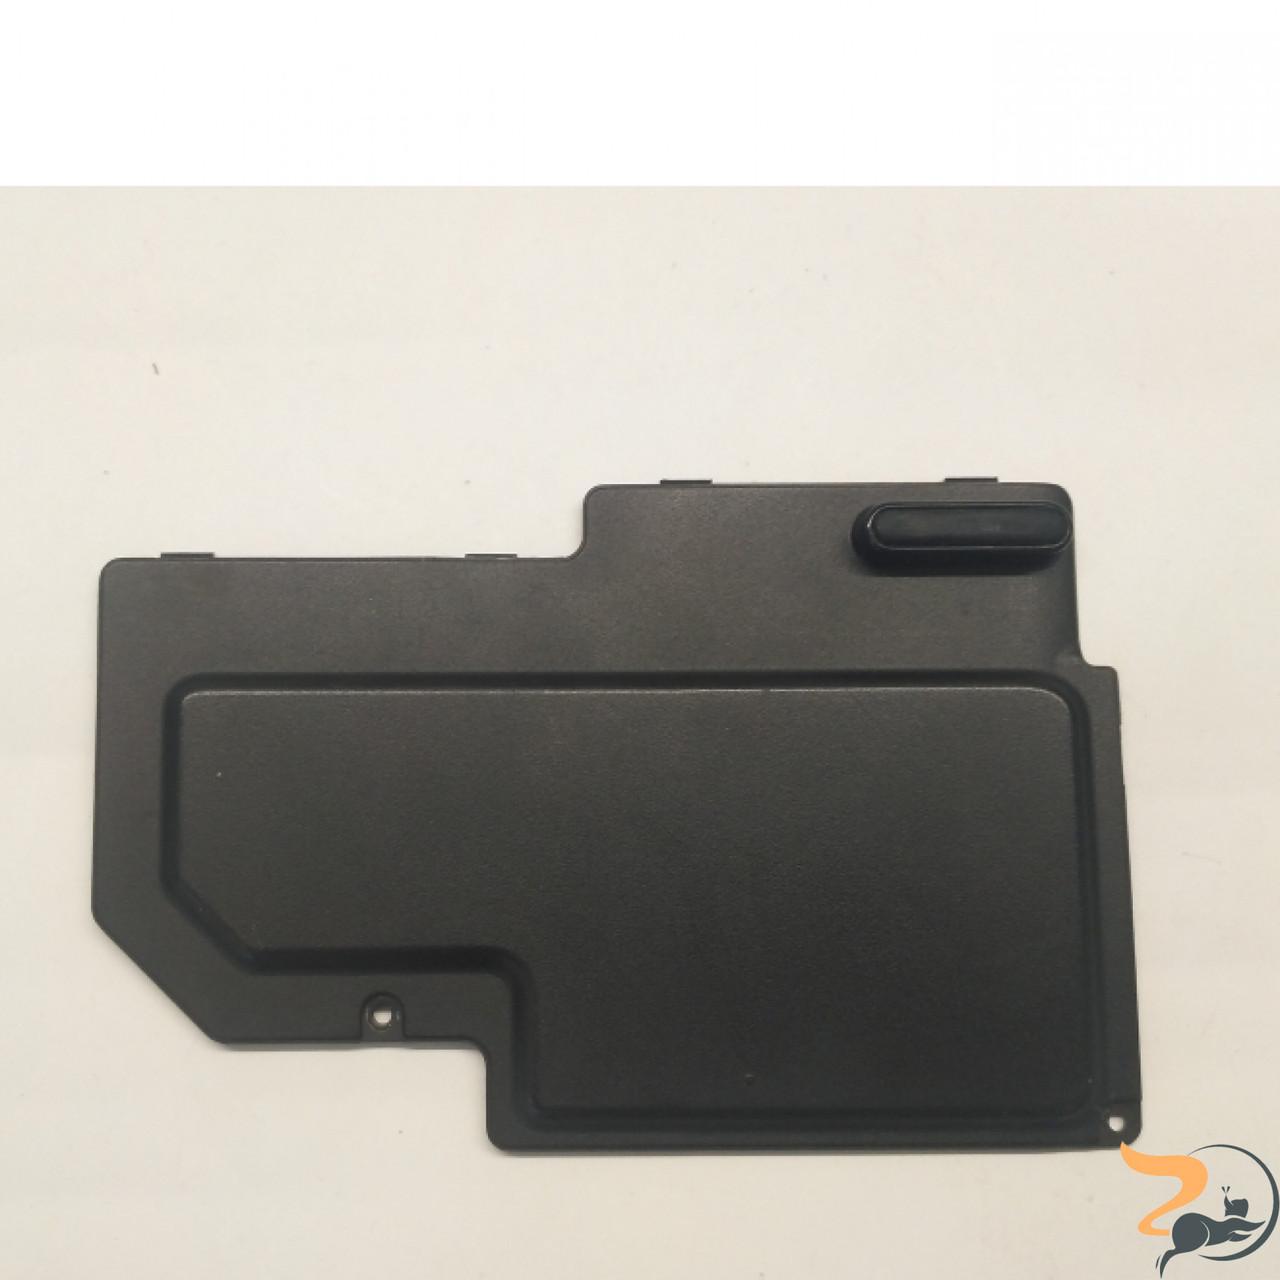 Сервісна кришка для ноутбука Asus Z9100, 13-NA51AP112, Б/В.Без пошкоджень